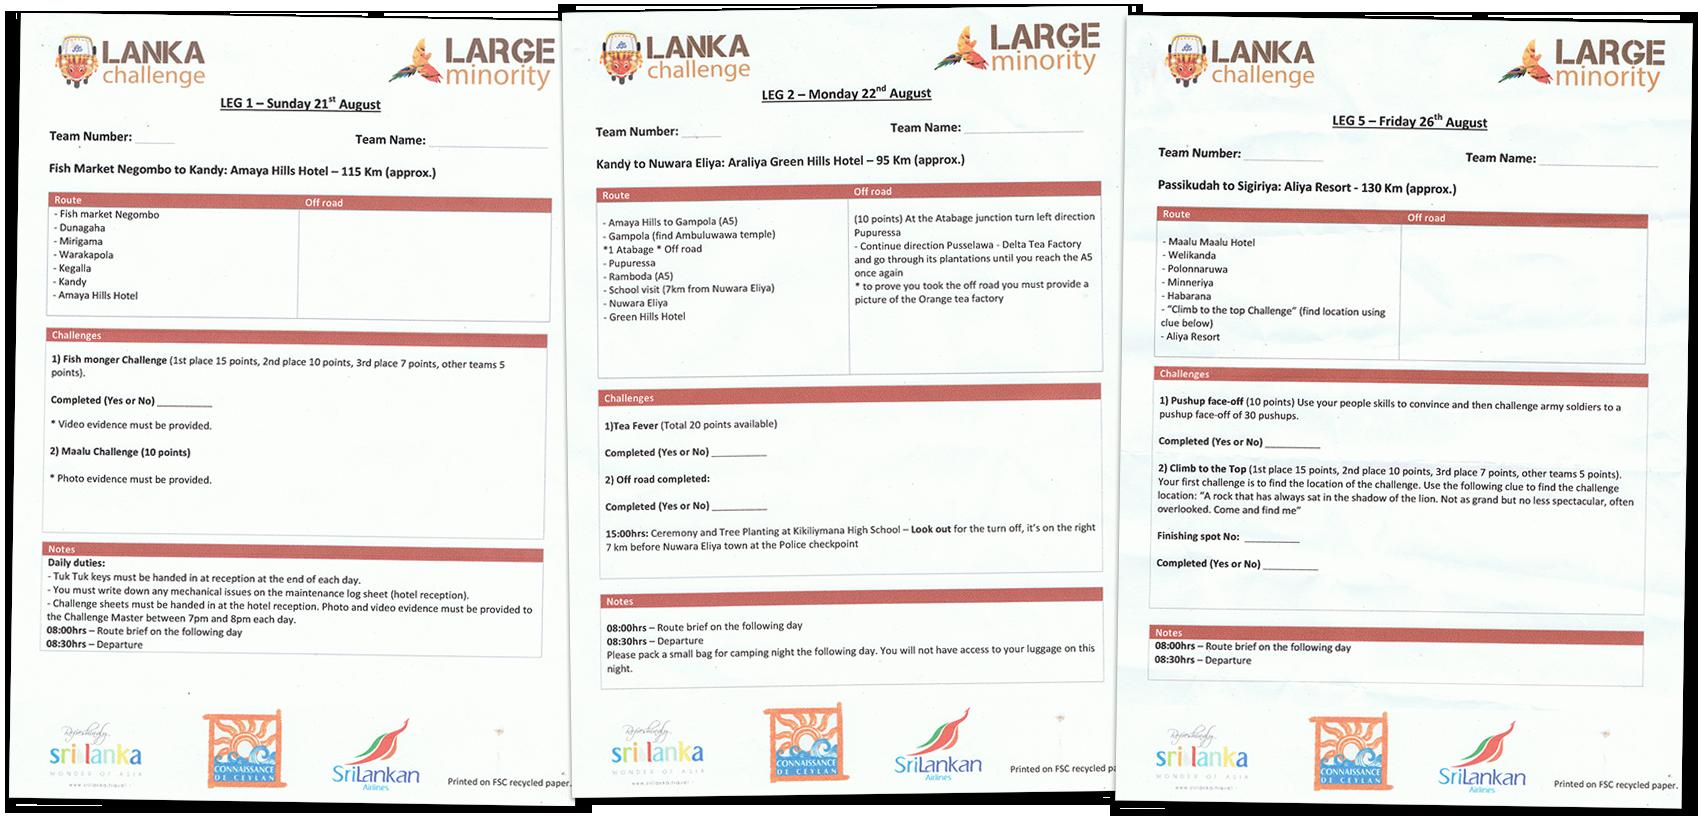 lanka-challenge-2016-avec-nomade-aventure-jaimelemonde-doc-2